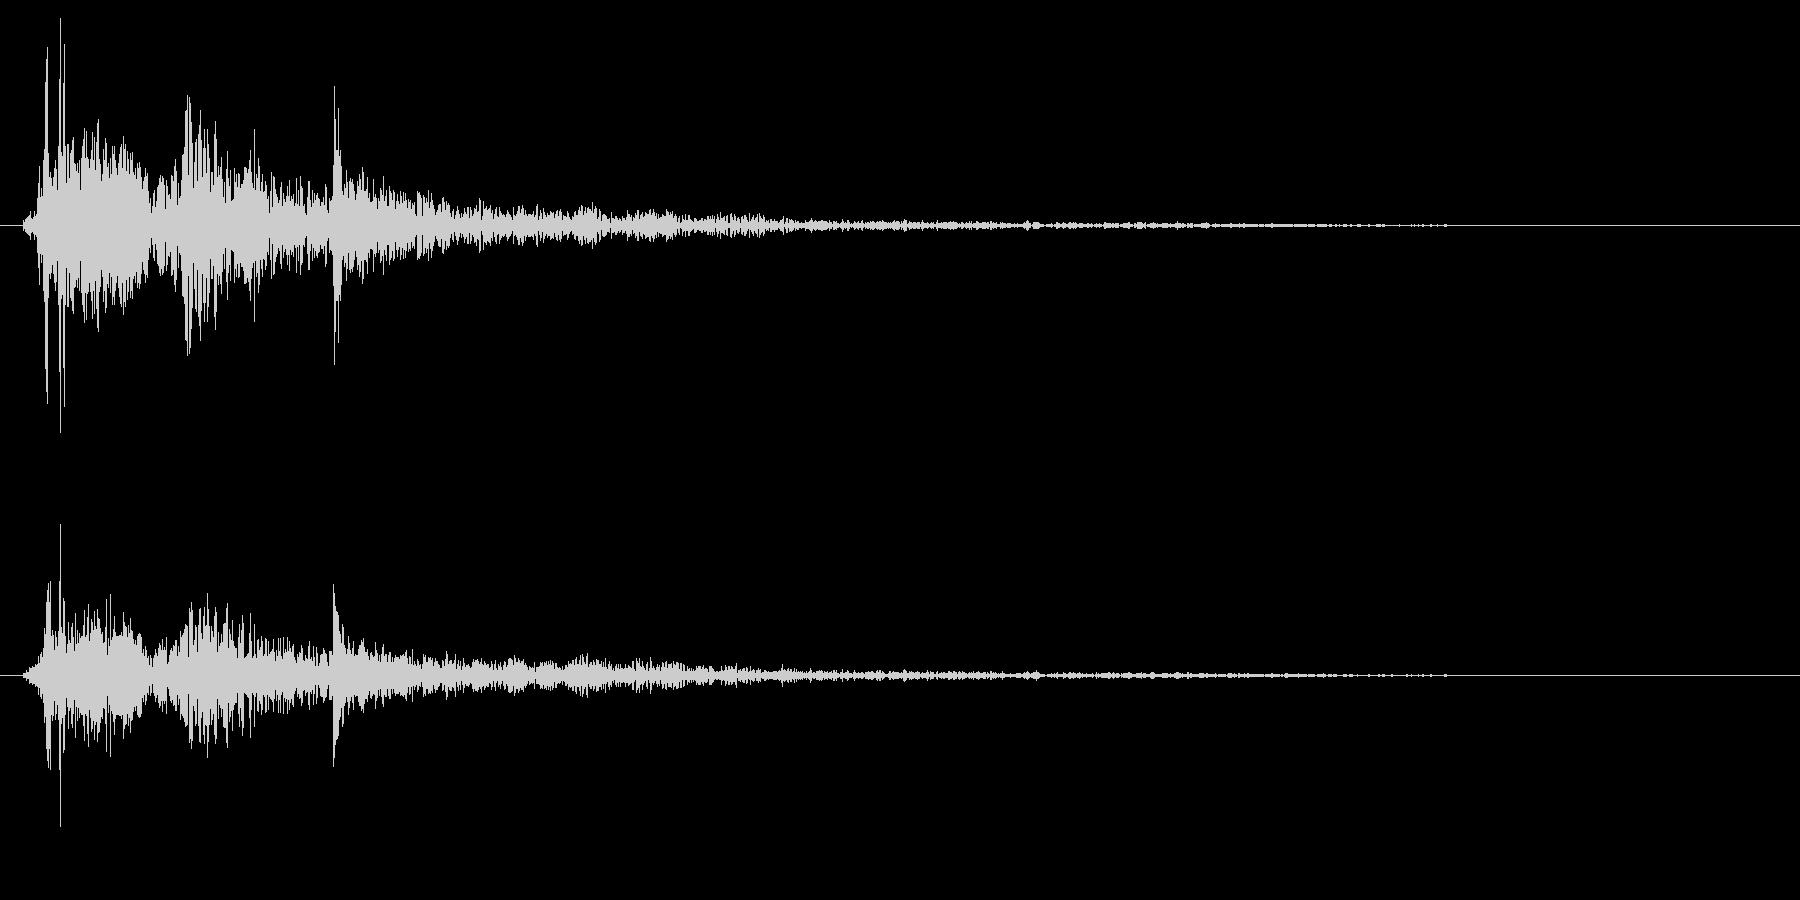 ポタンという水滴の落下音の未再生の波形